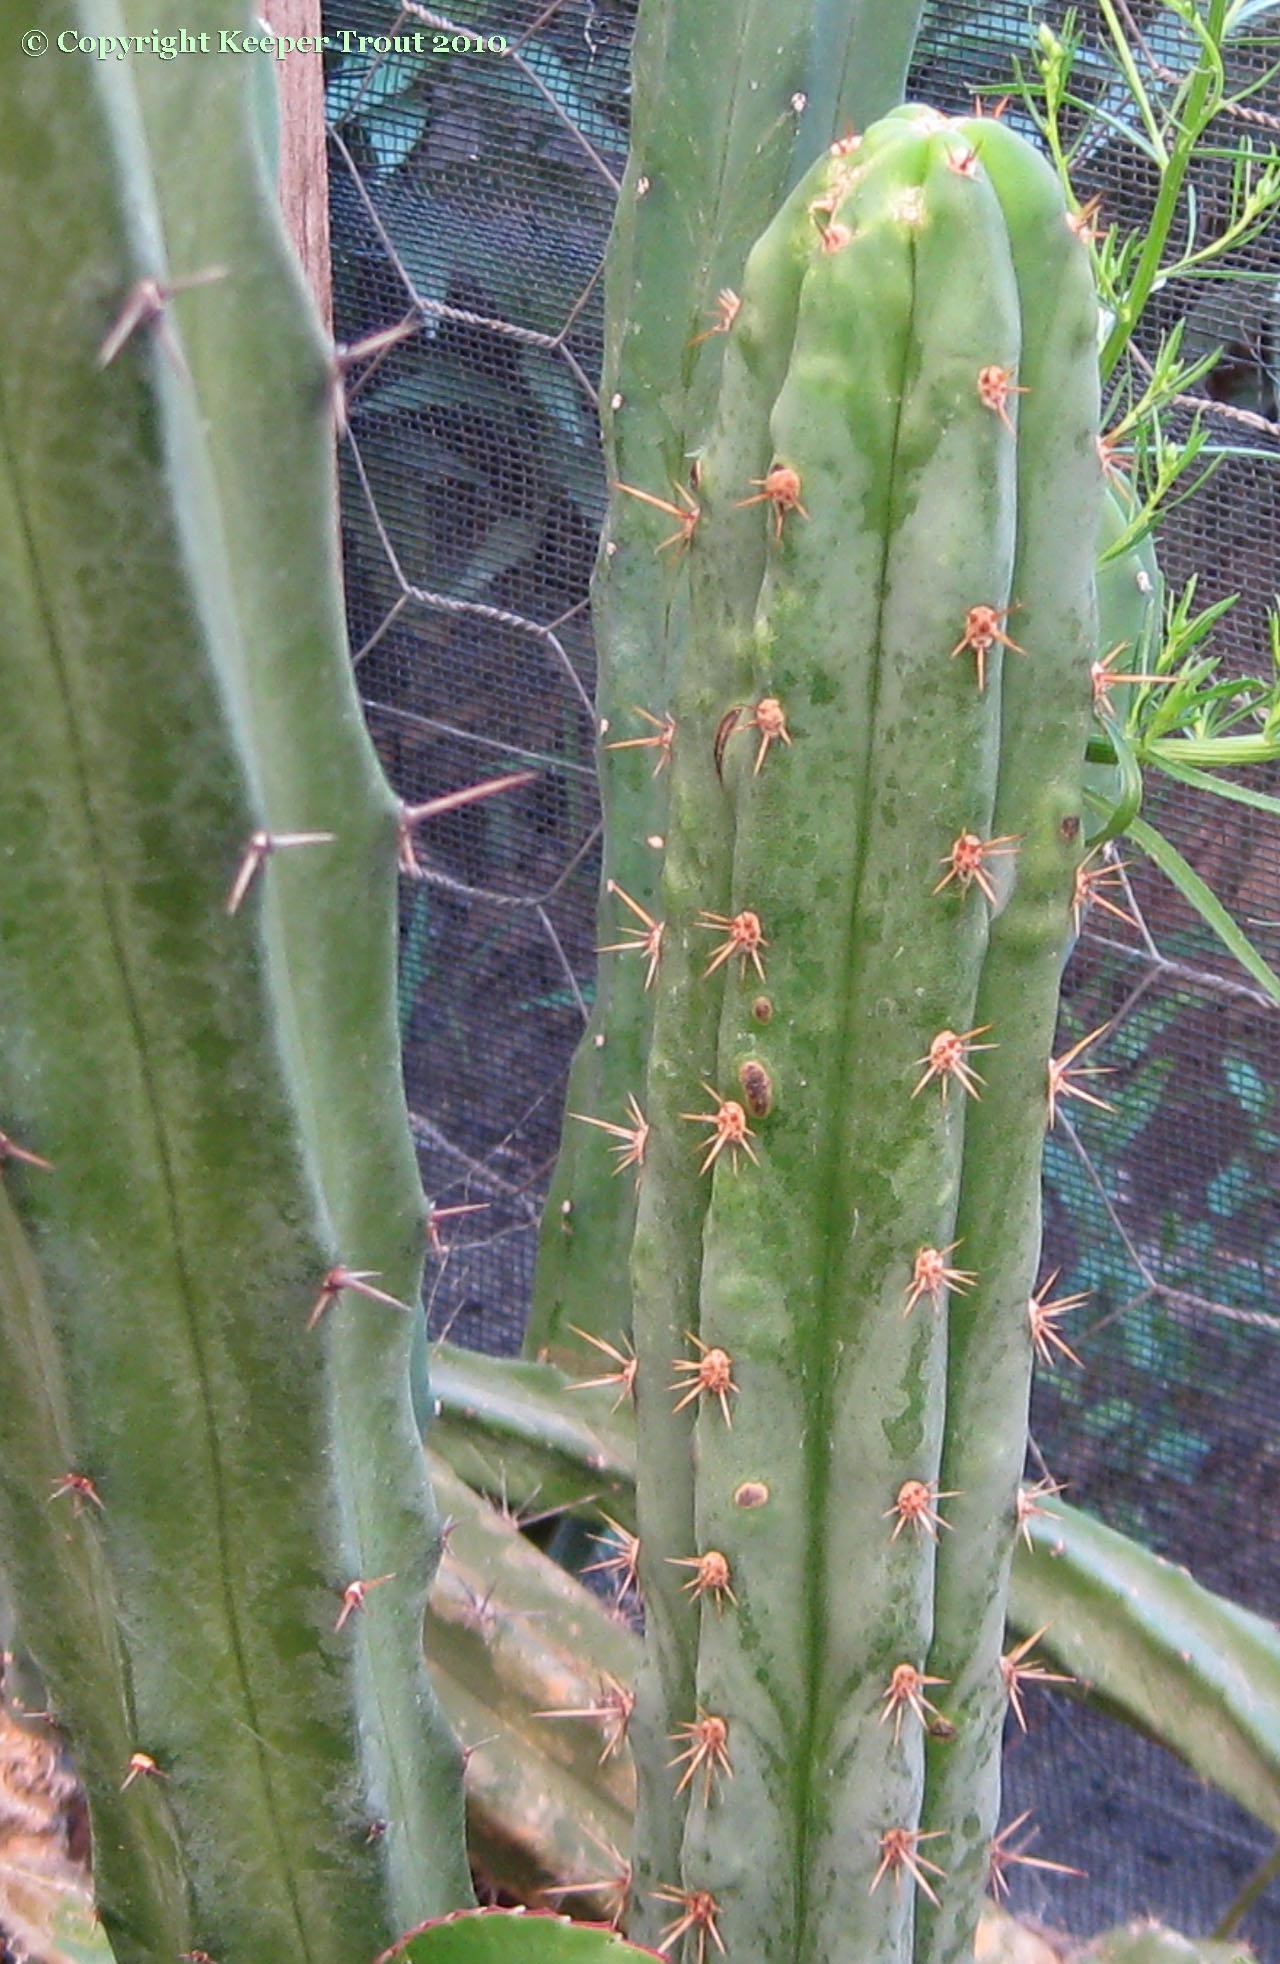 Trichocereus-pachanoi-crassiarboreus-NMCR-2010